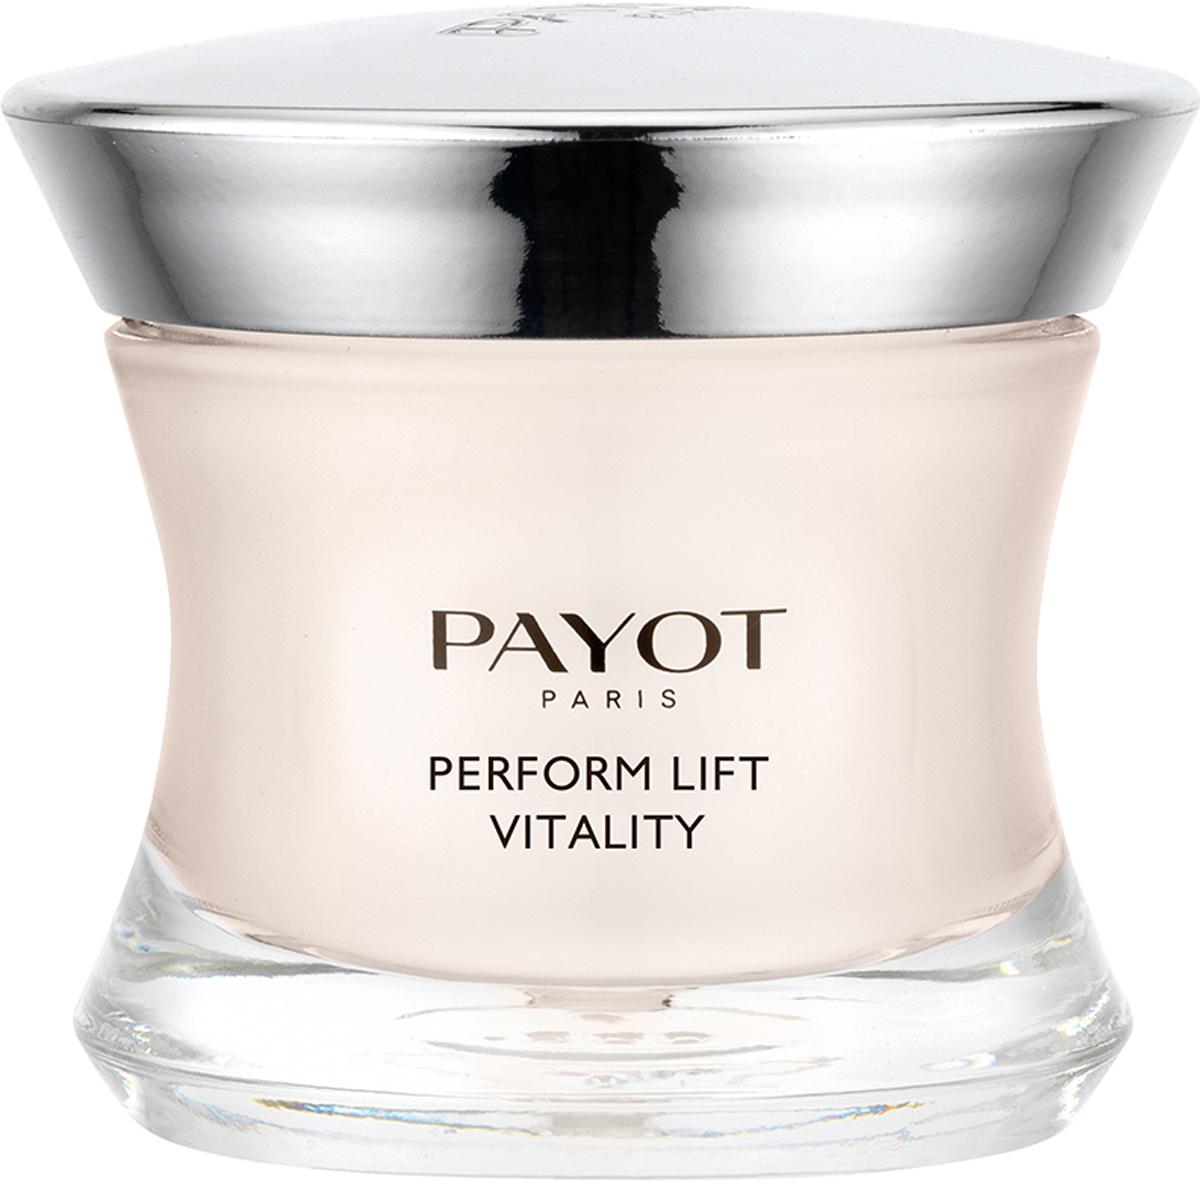 Payot Средство повышающее упругость безжизненной кожи Perform Lift, 50 мл крем payot perform lift regard